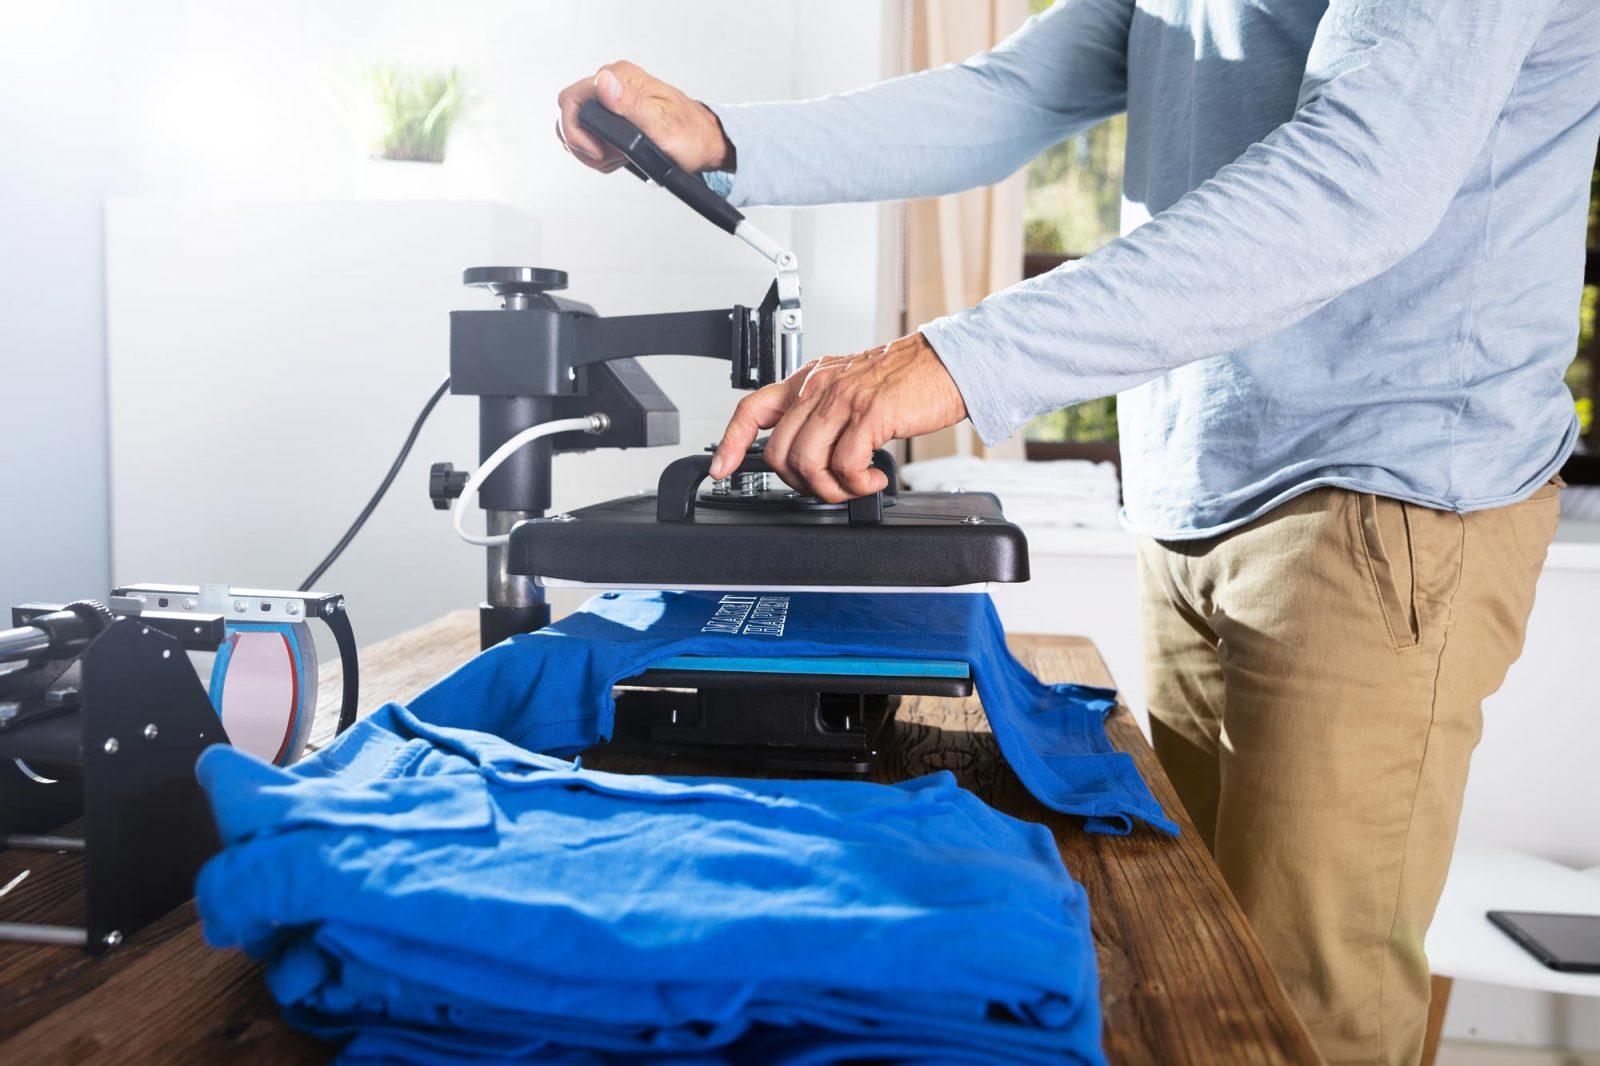 Man heat pressing a shirt